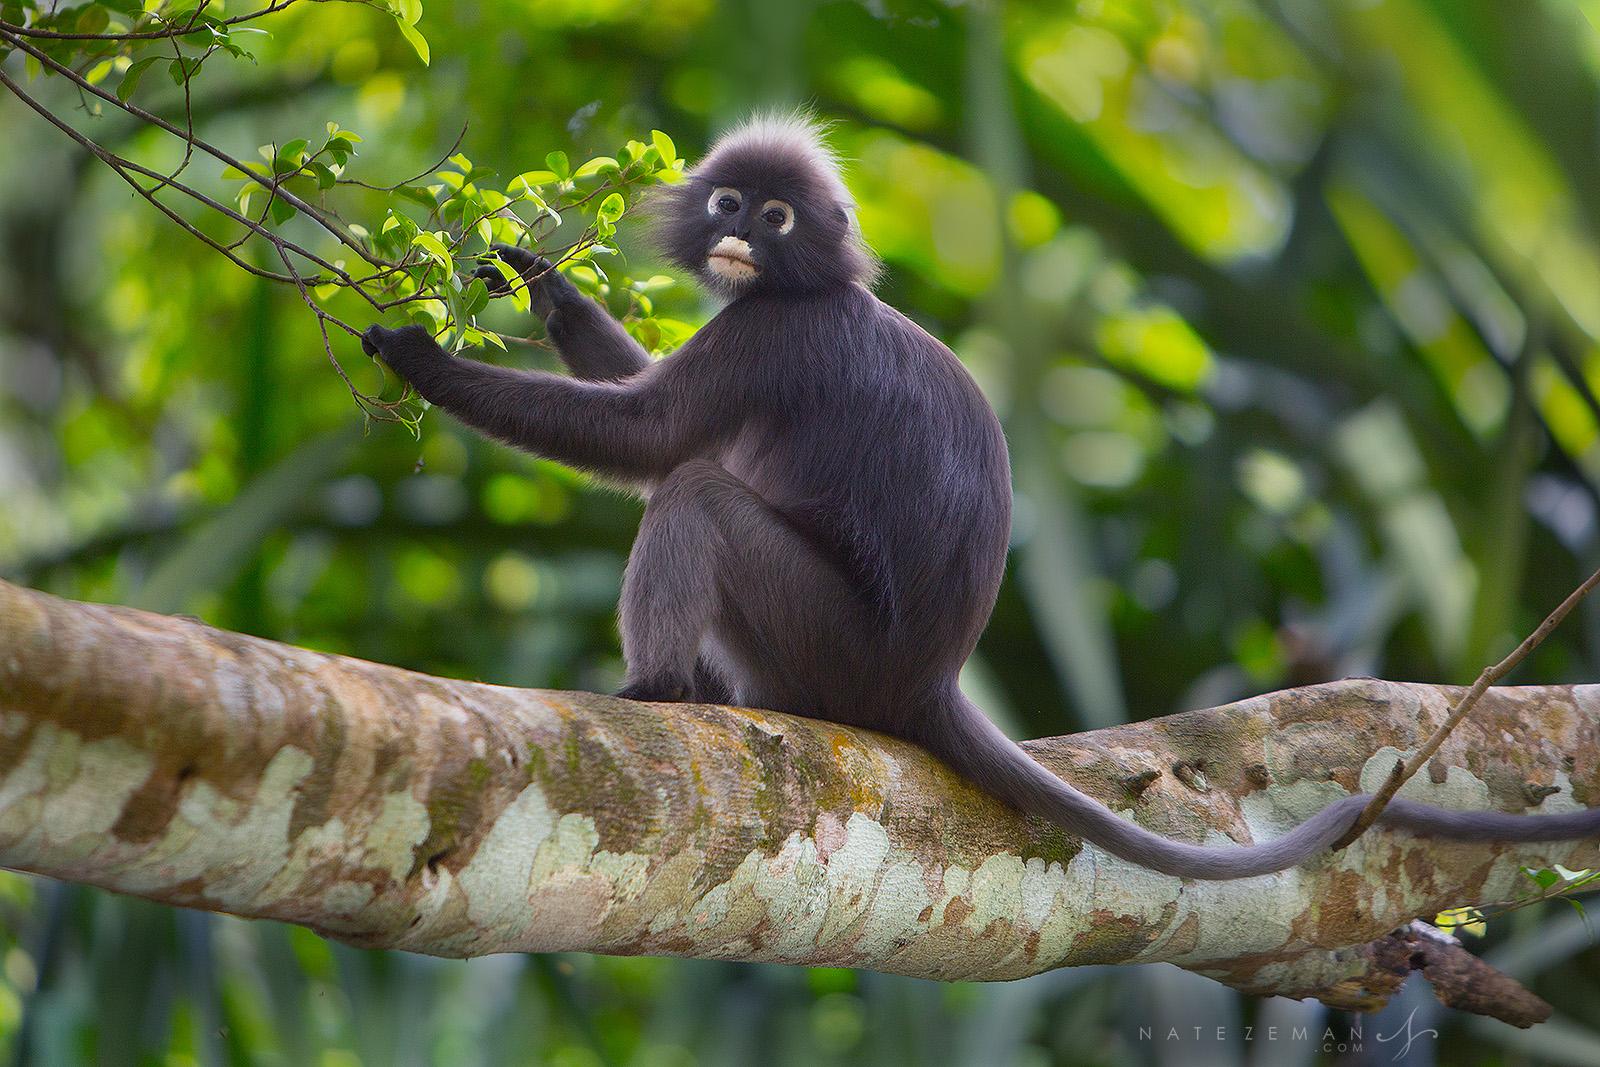 dusky leaf monkey, dusky langur, spectacled langur, malaysia, thailand, myanmar, burma, iucn, near threatened, , photo